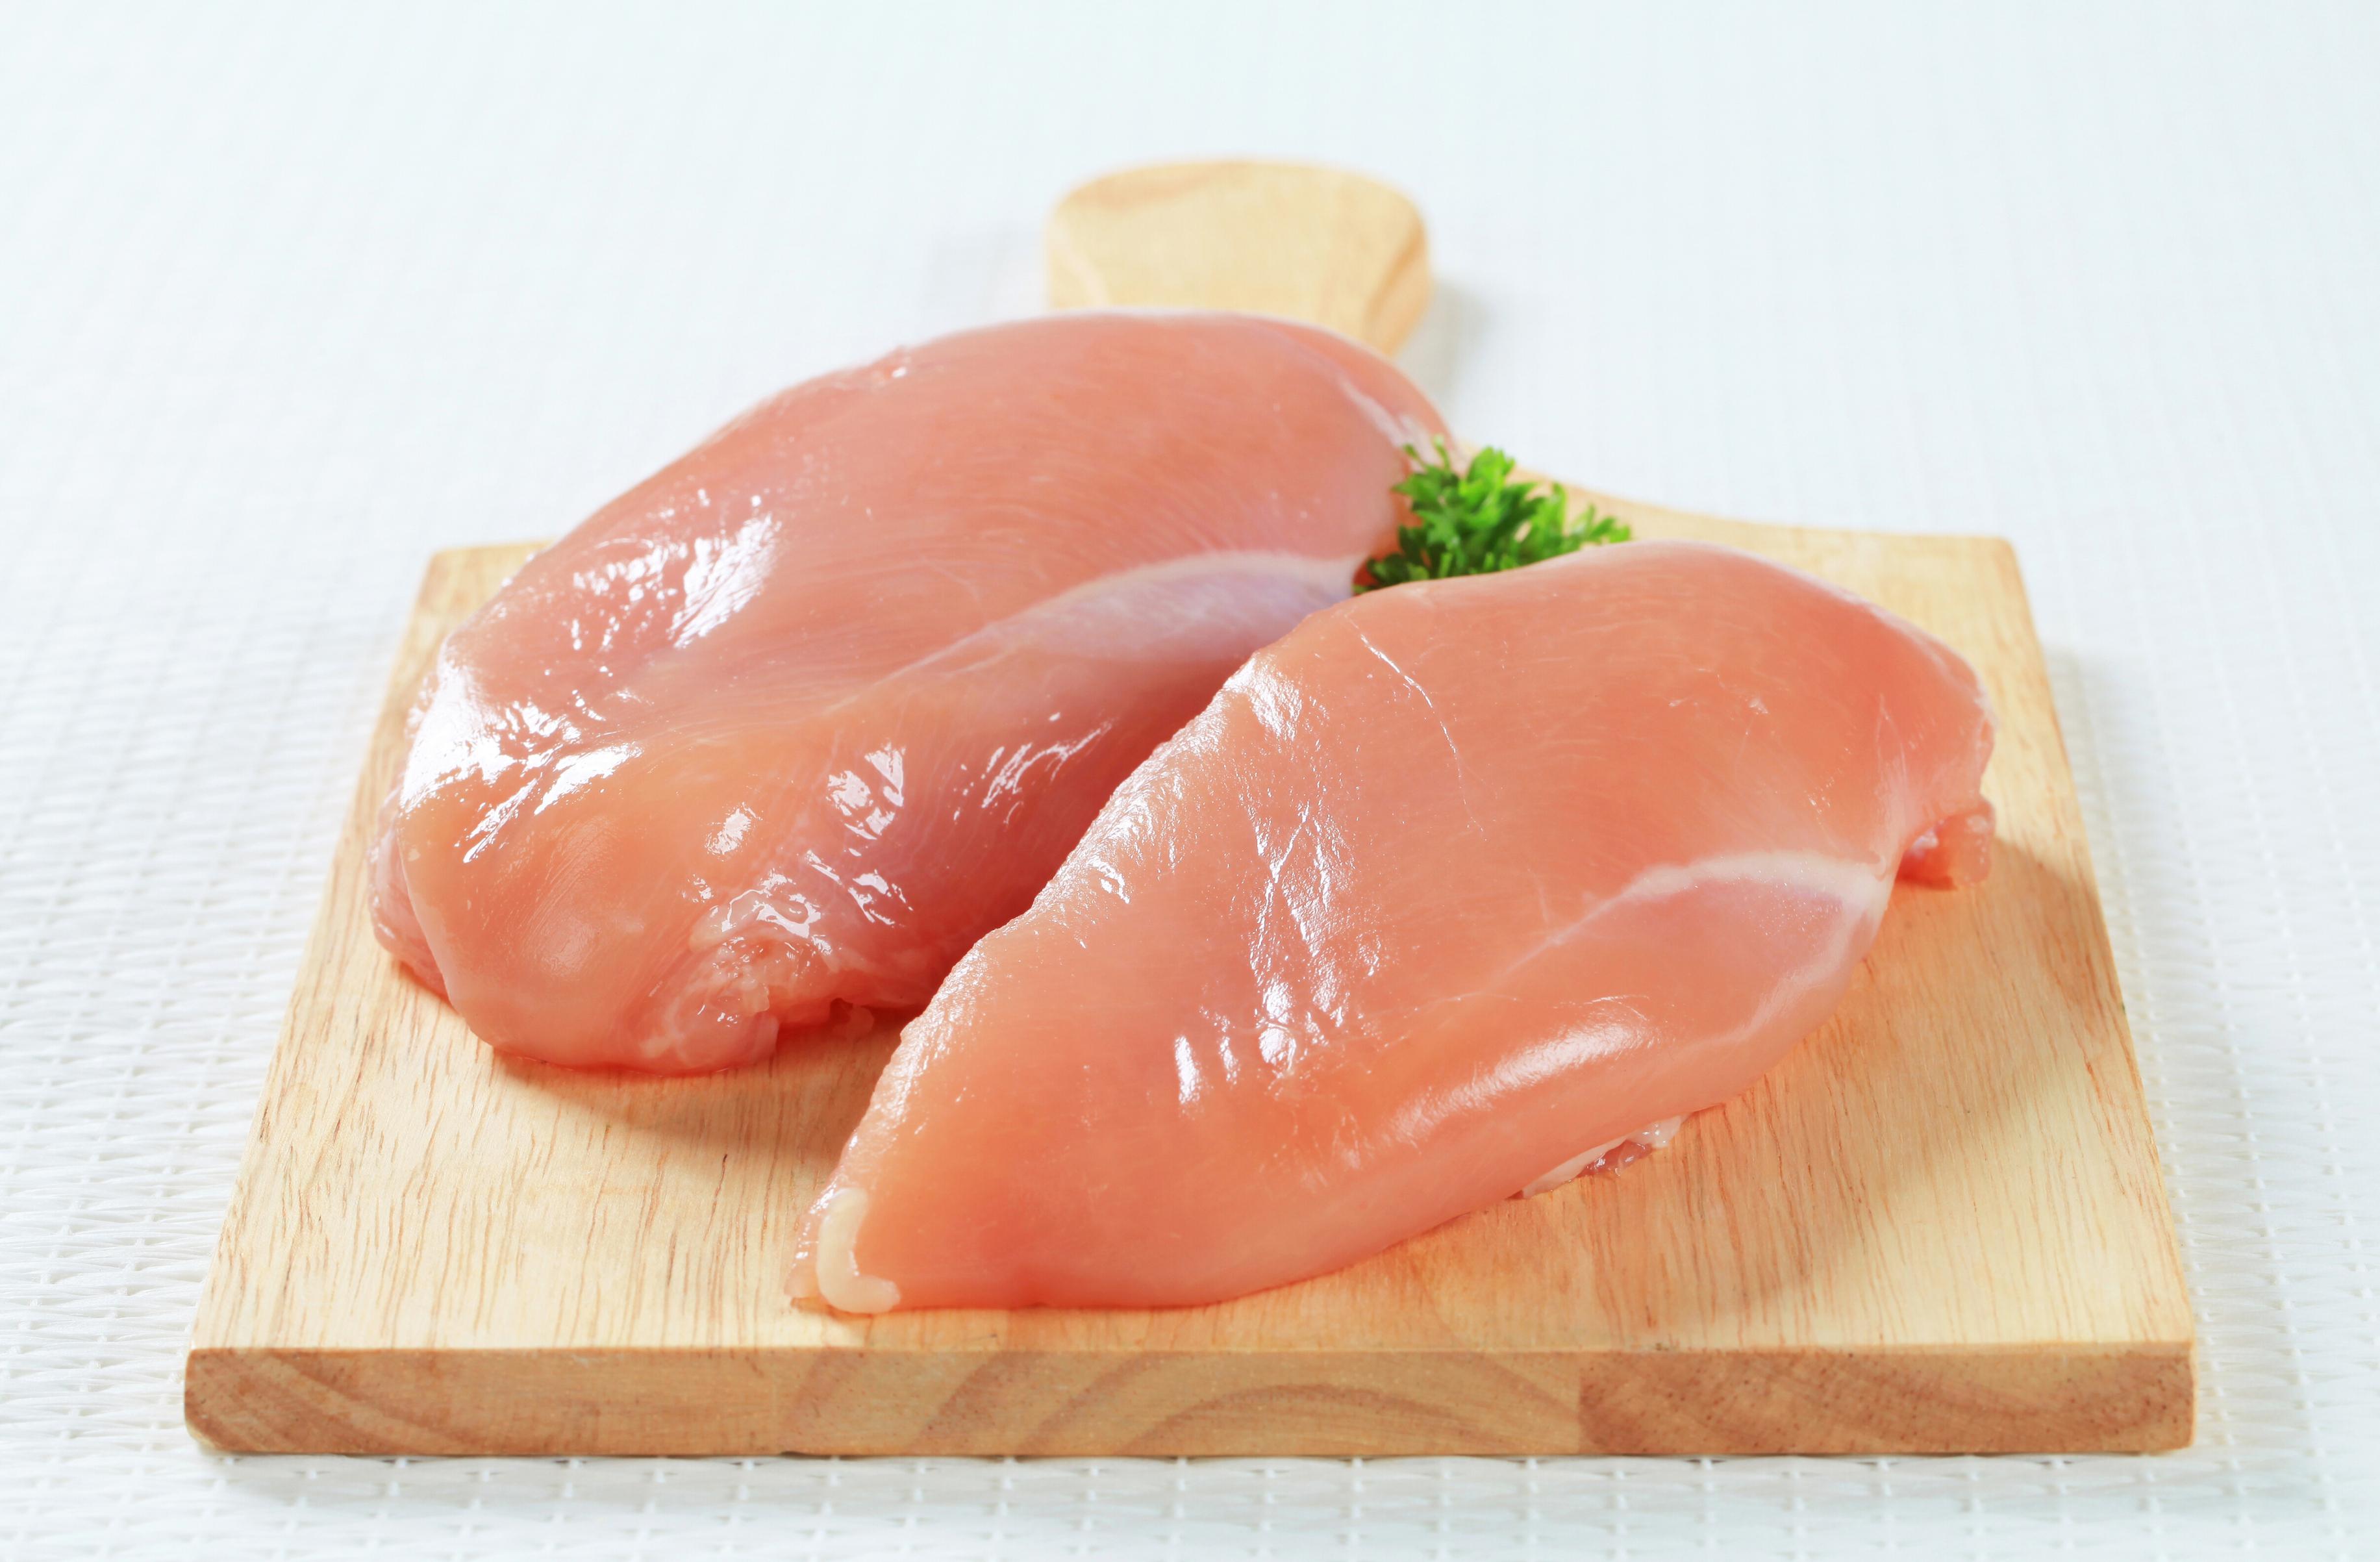 hur mycket väger en grillad kyckling